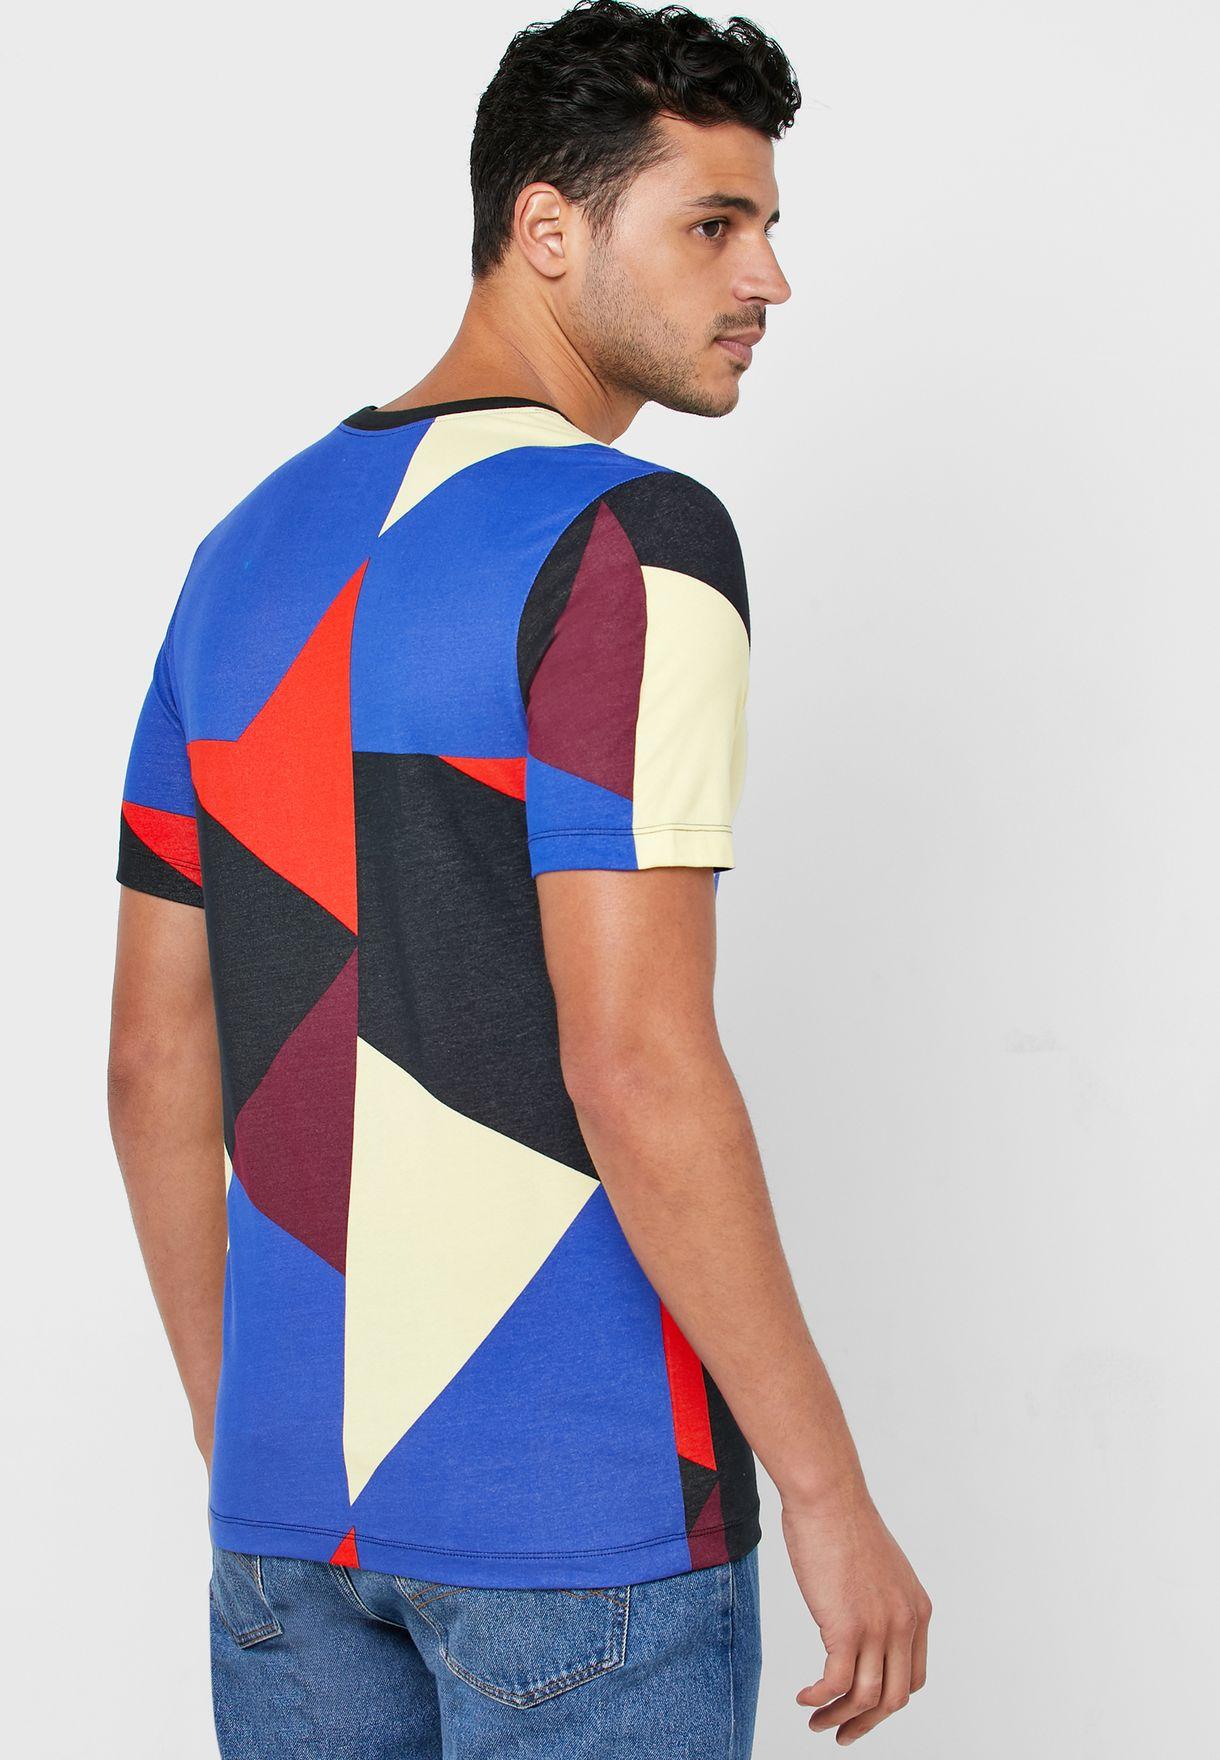 Kyrie Irving AOP T-Shirt